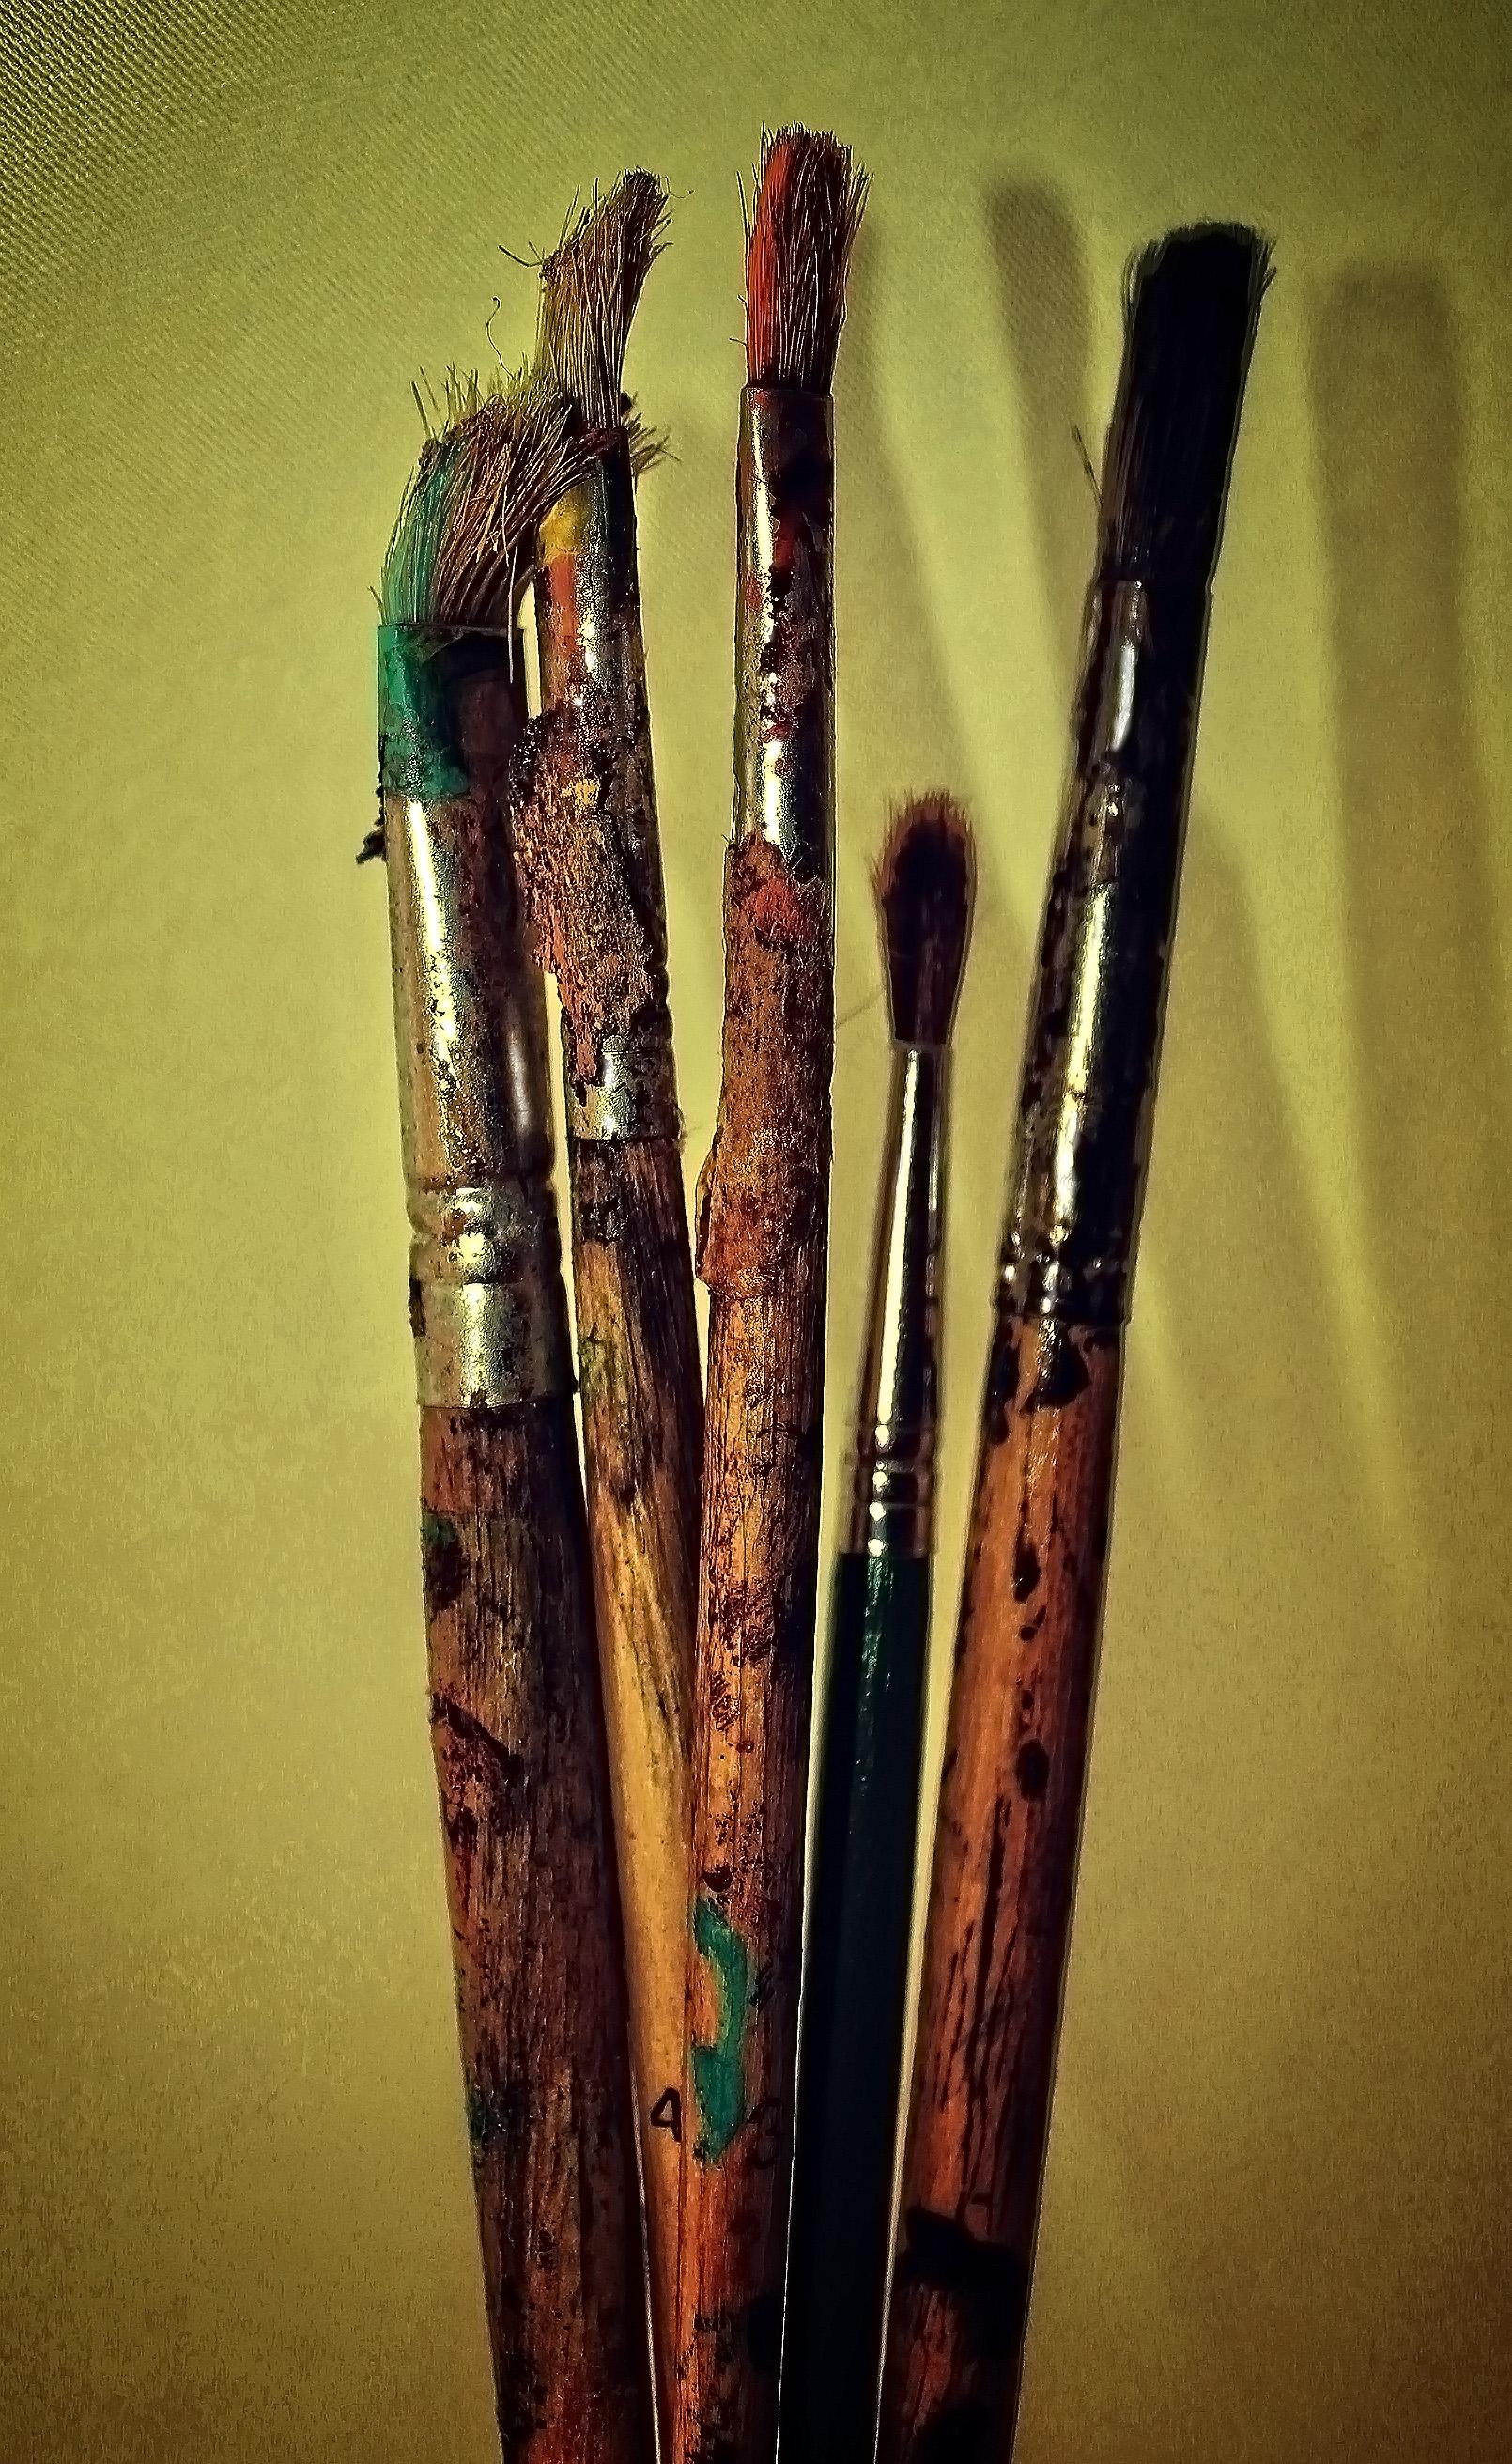 Used paintbrushes - noisy grunge looks photo